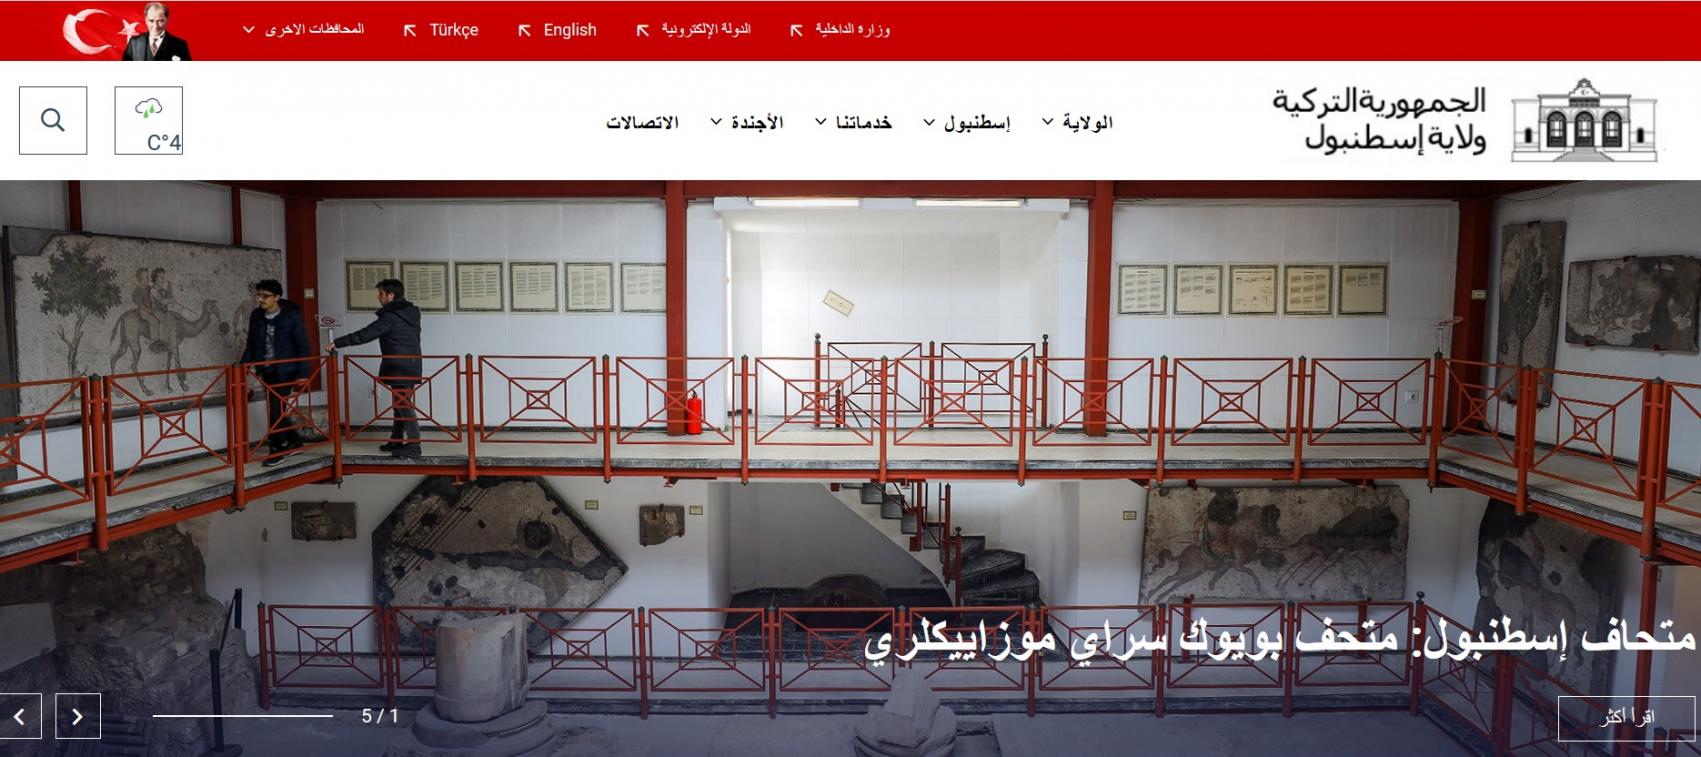 ولاية إسطنبول تُطلق موقعاً إلكترونيا باللغة العربية